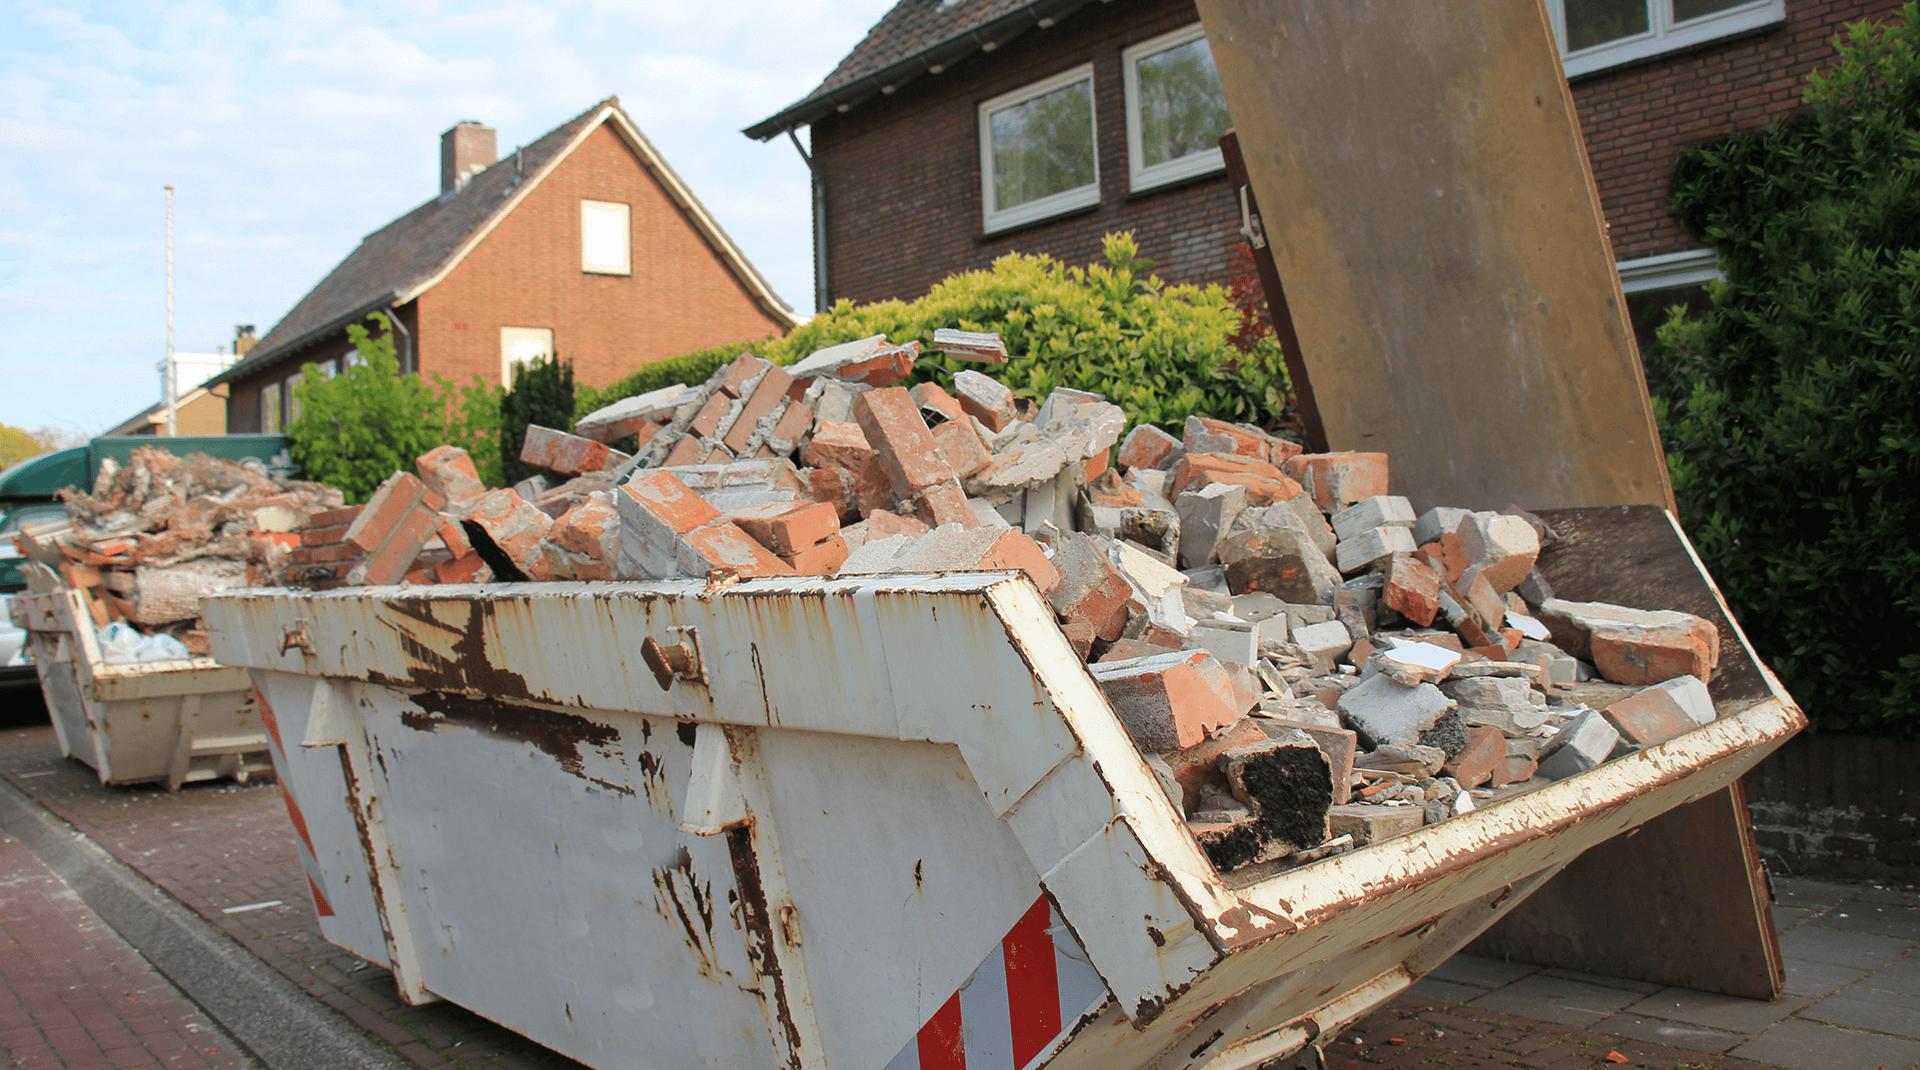 Bauschuttcontainer vor Haus